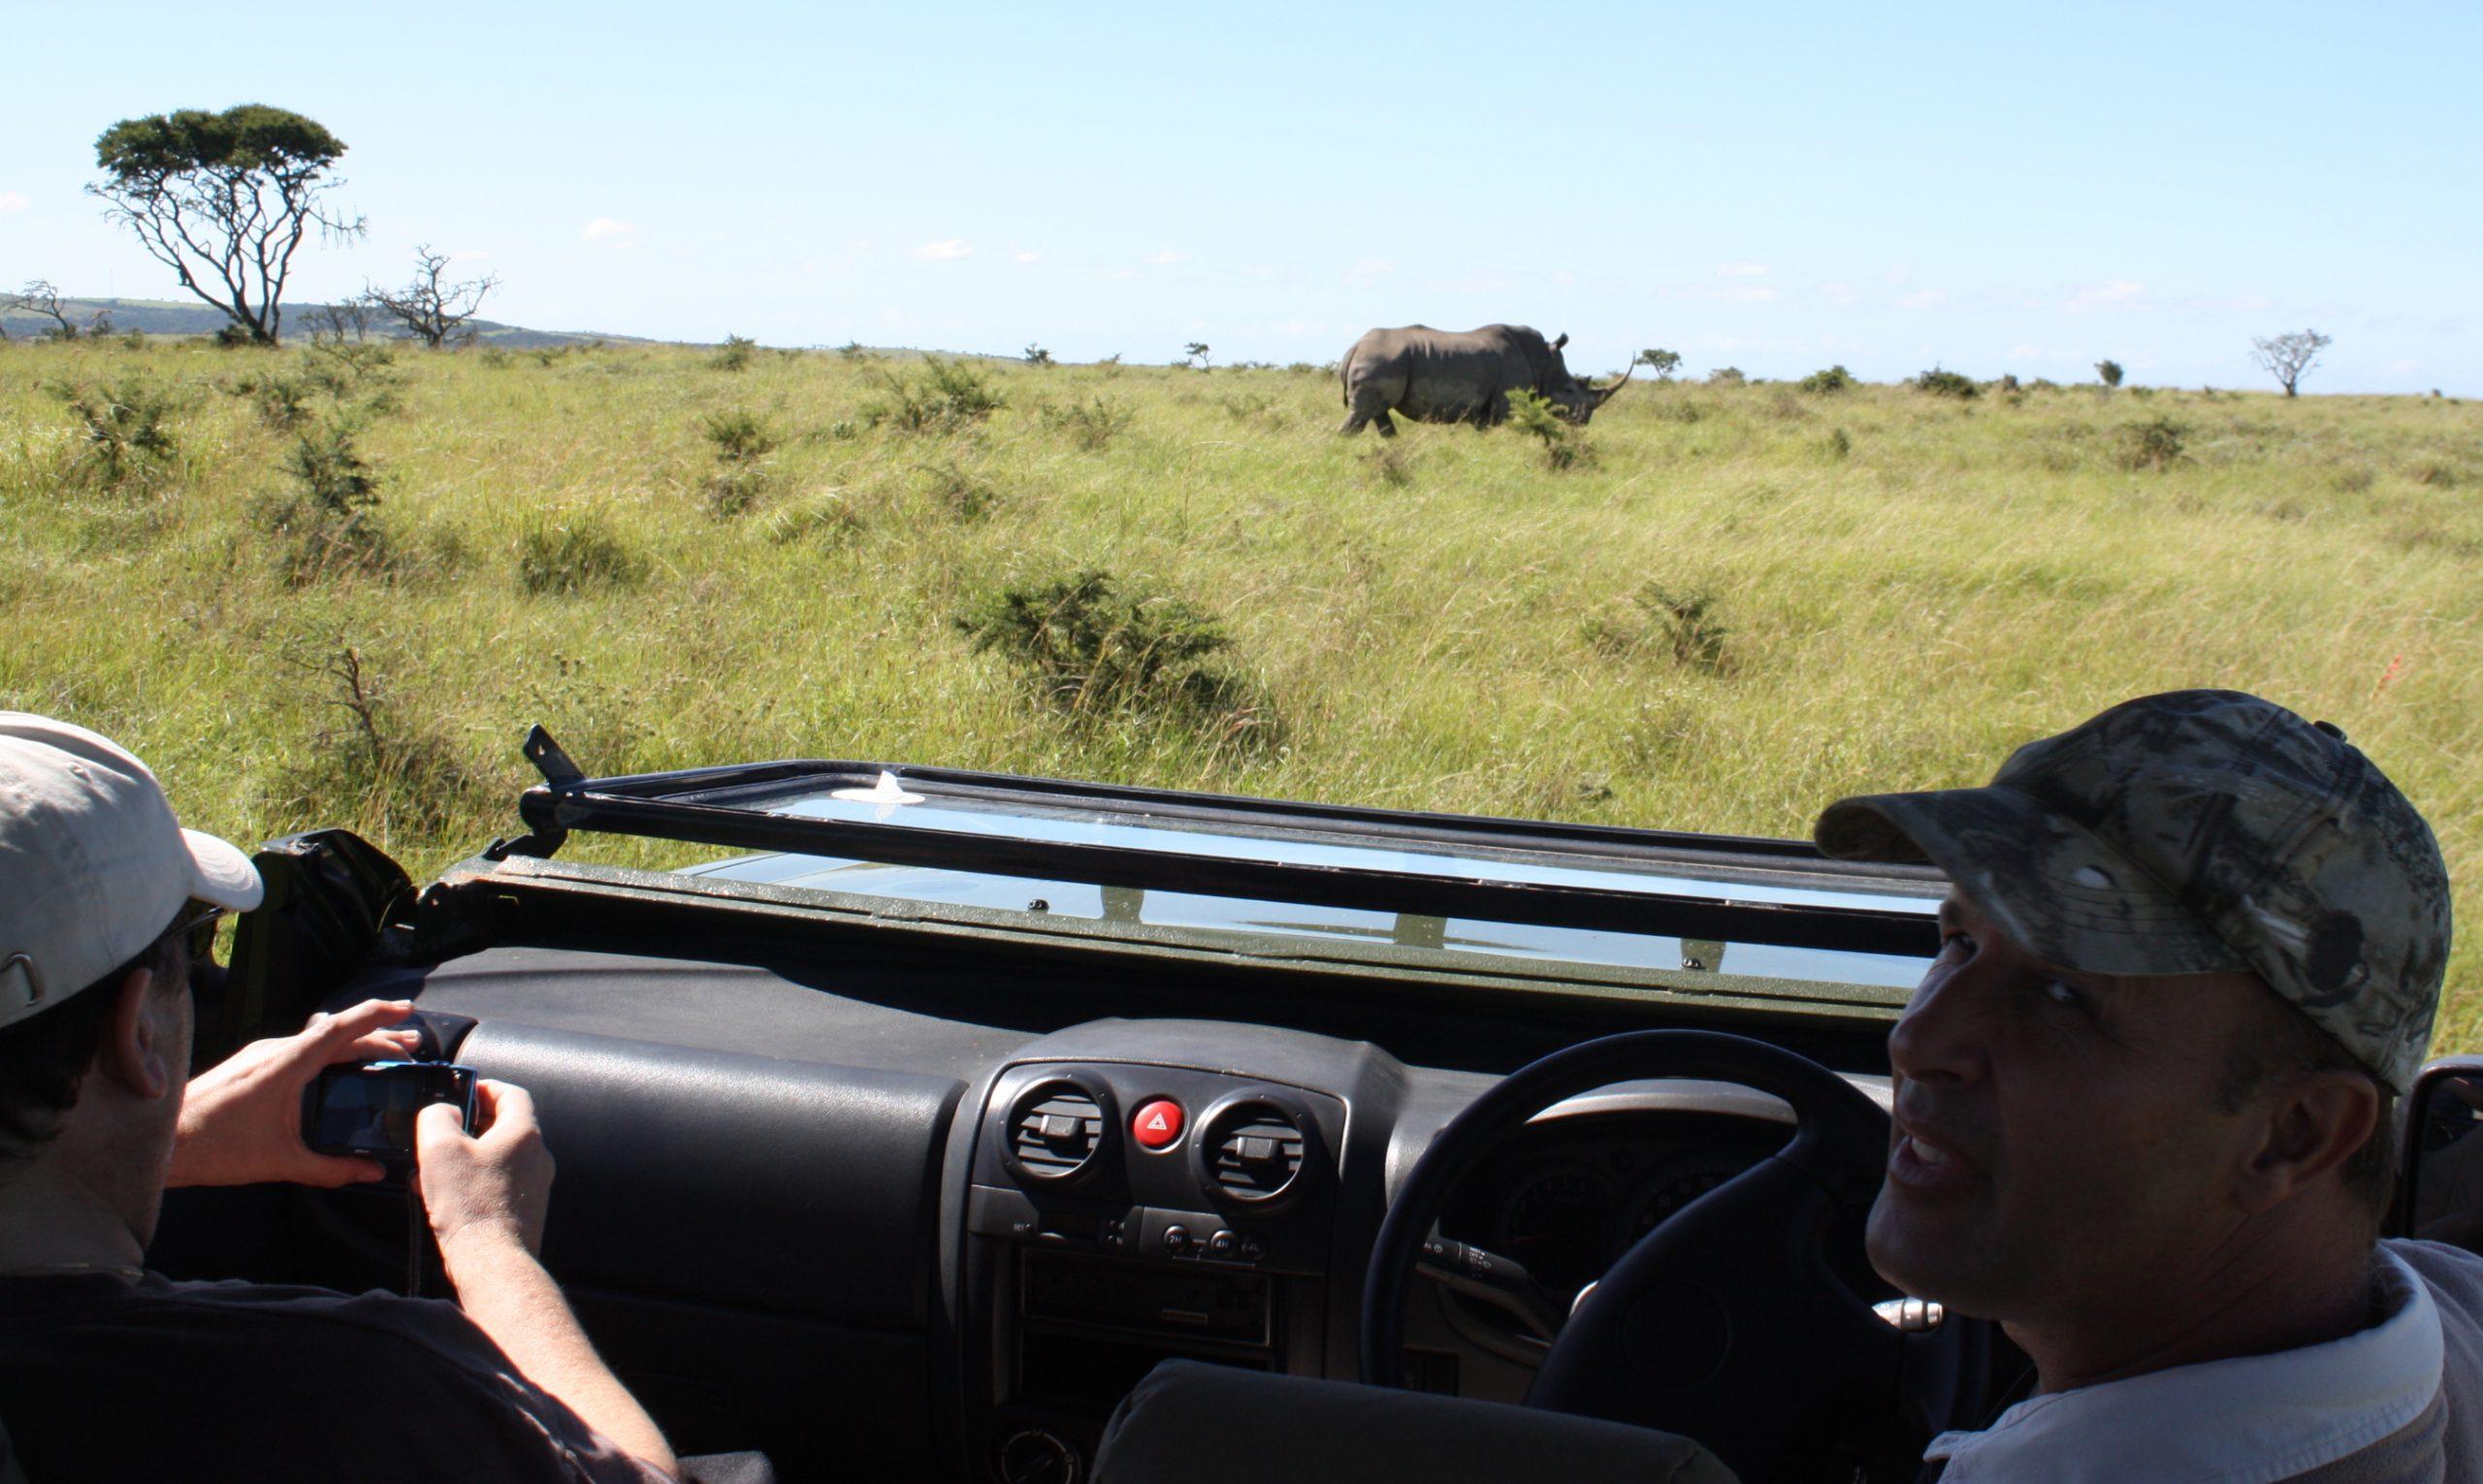 Road-trip en Afrique du Sud : une solution toute recommandée au pays